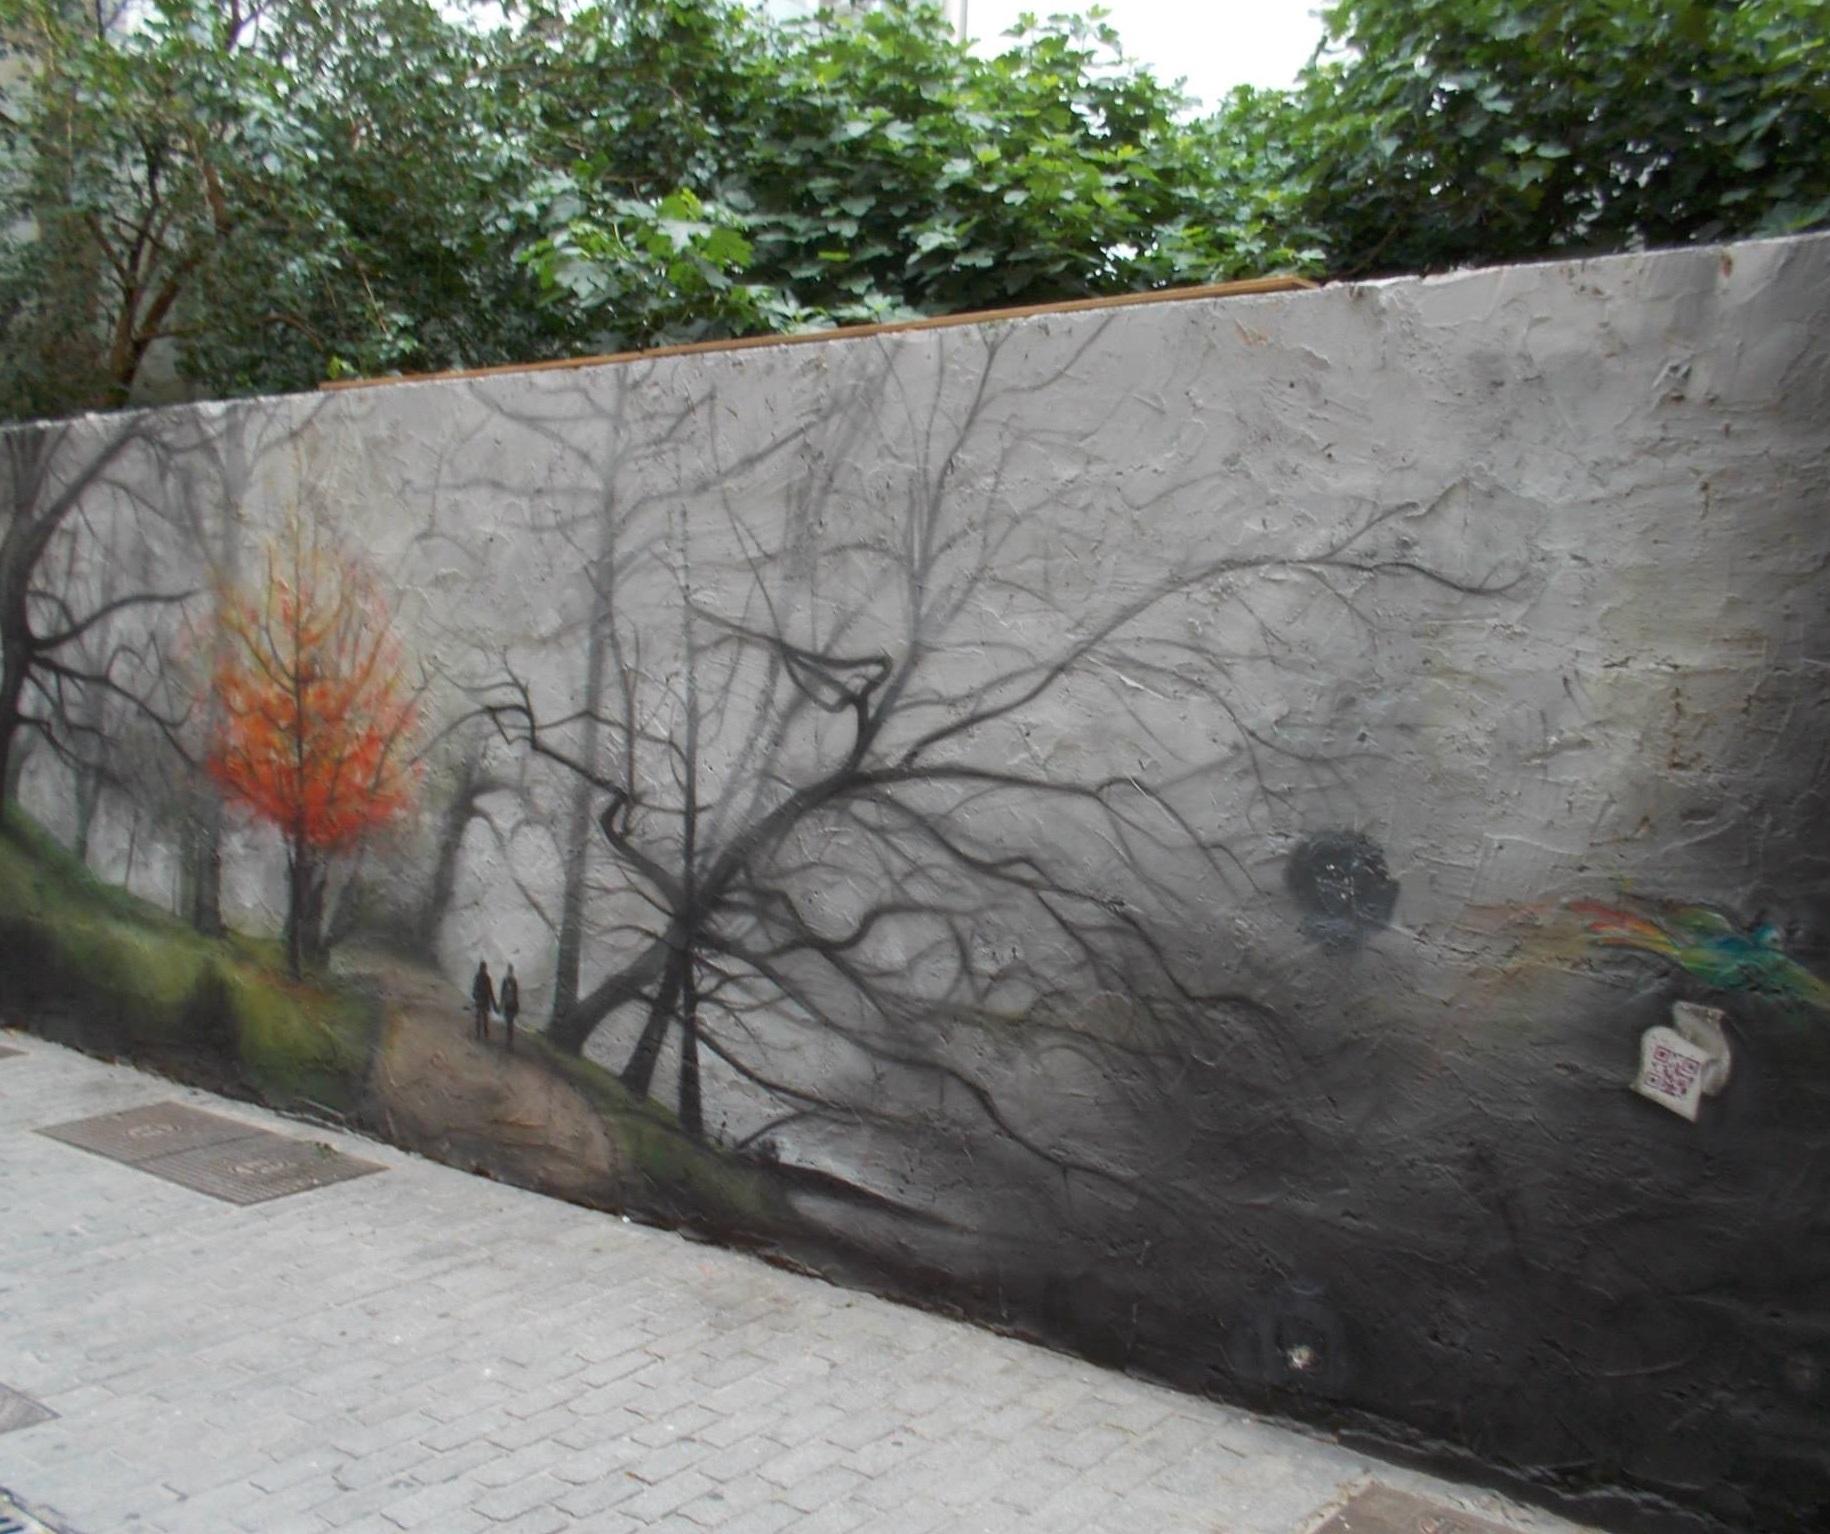 """Fuente: Valencia en graffitis. Título: """"Otoño en Bremen"""". Autor: Zingaro"""